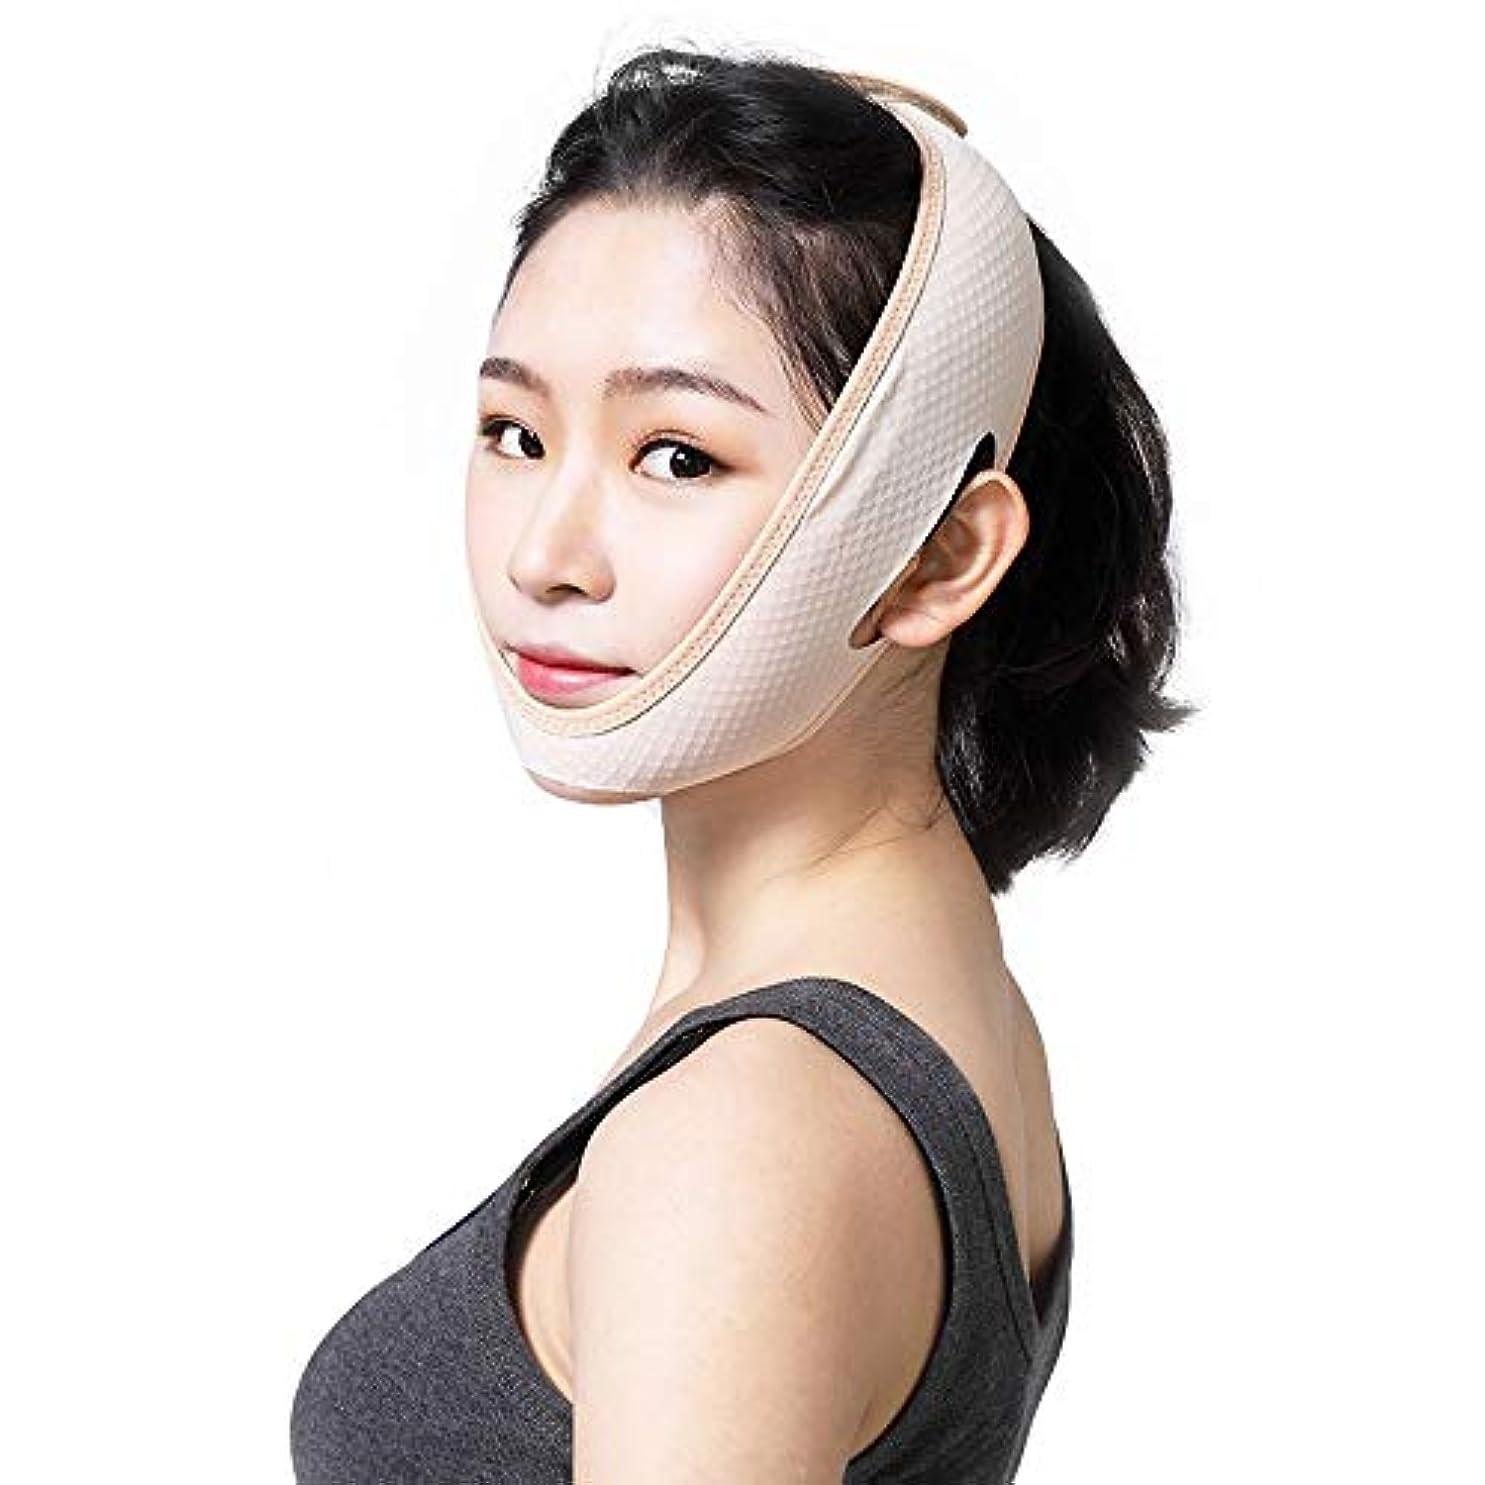 含める合理化田舎Jia Jia- シンフェイスアーティファクトVフェイスタイトリフティングフェイスリフトシンダブルチン男性と女性フェイス包帯マスク 顔面包帯